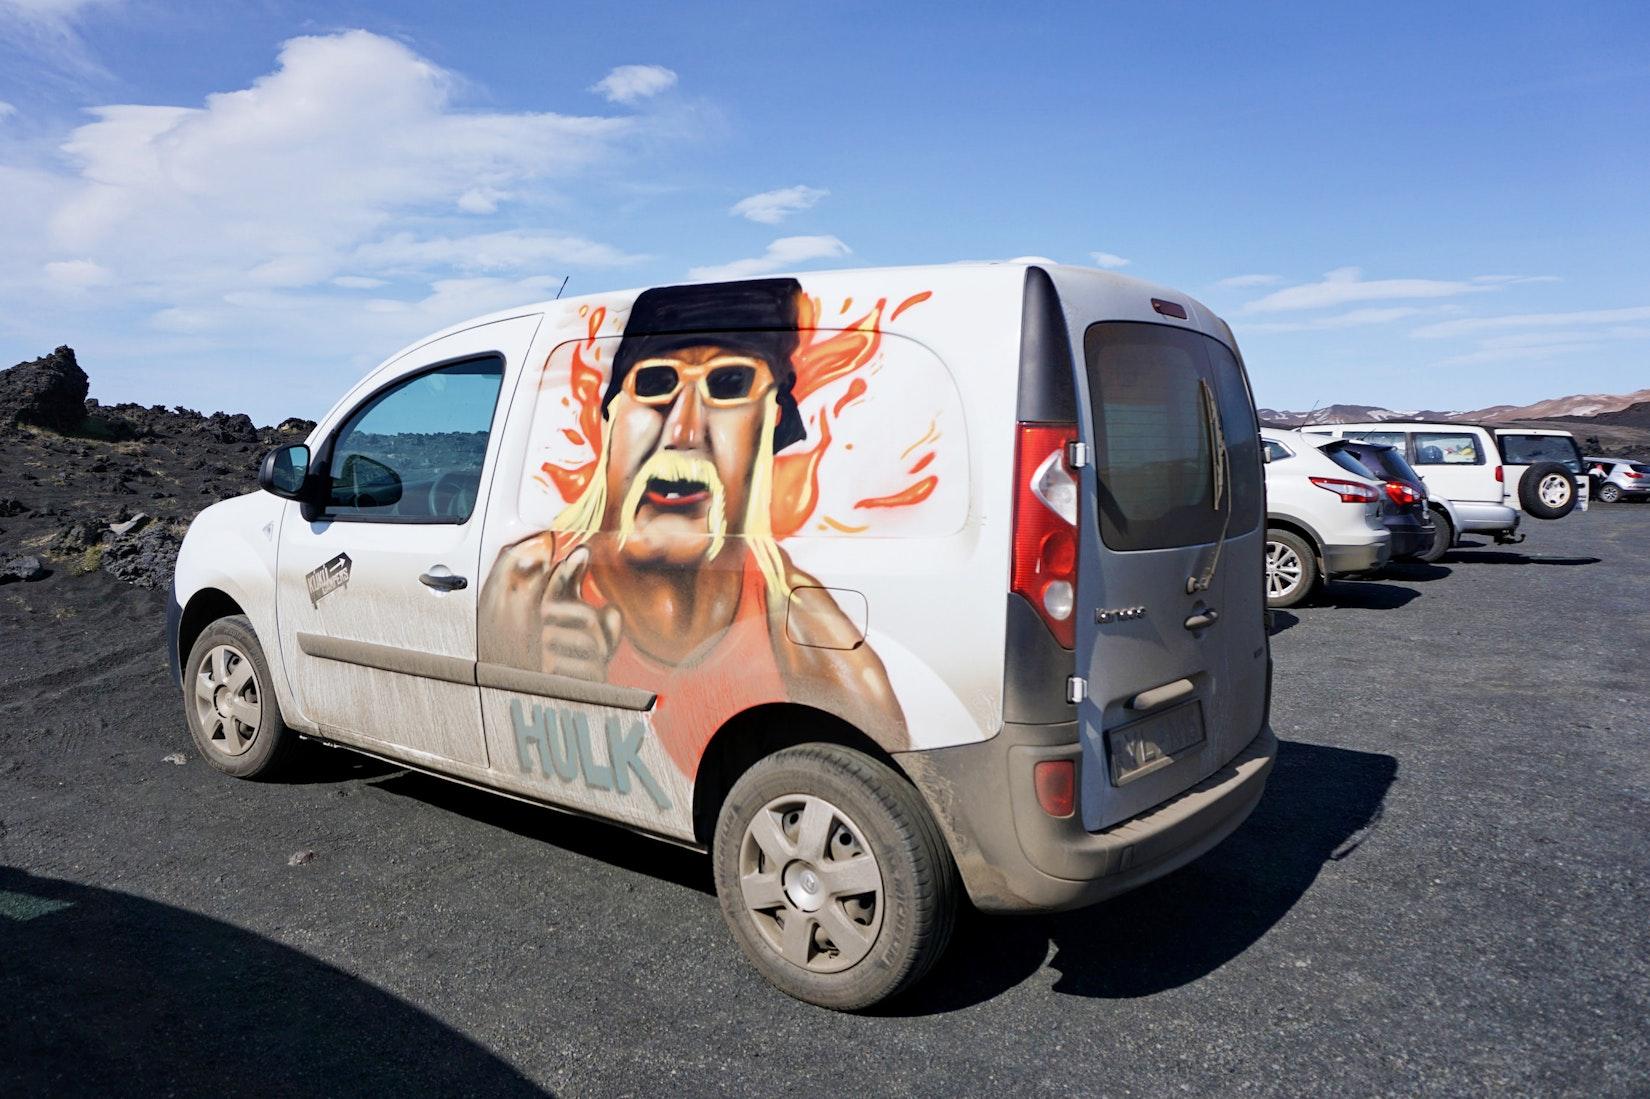 A Hulk Hogan camper van in Iceland